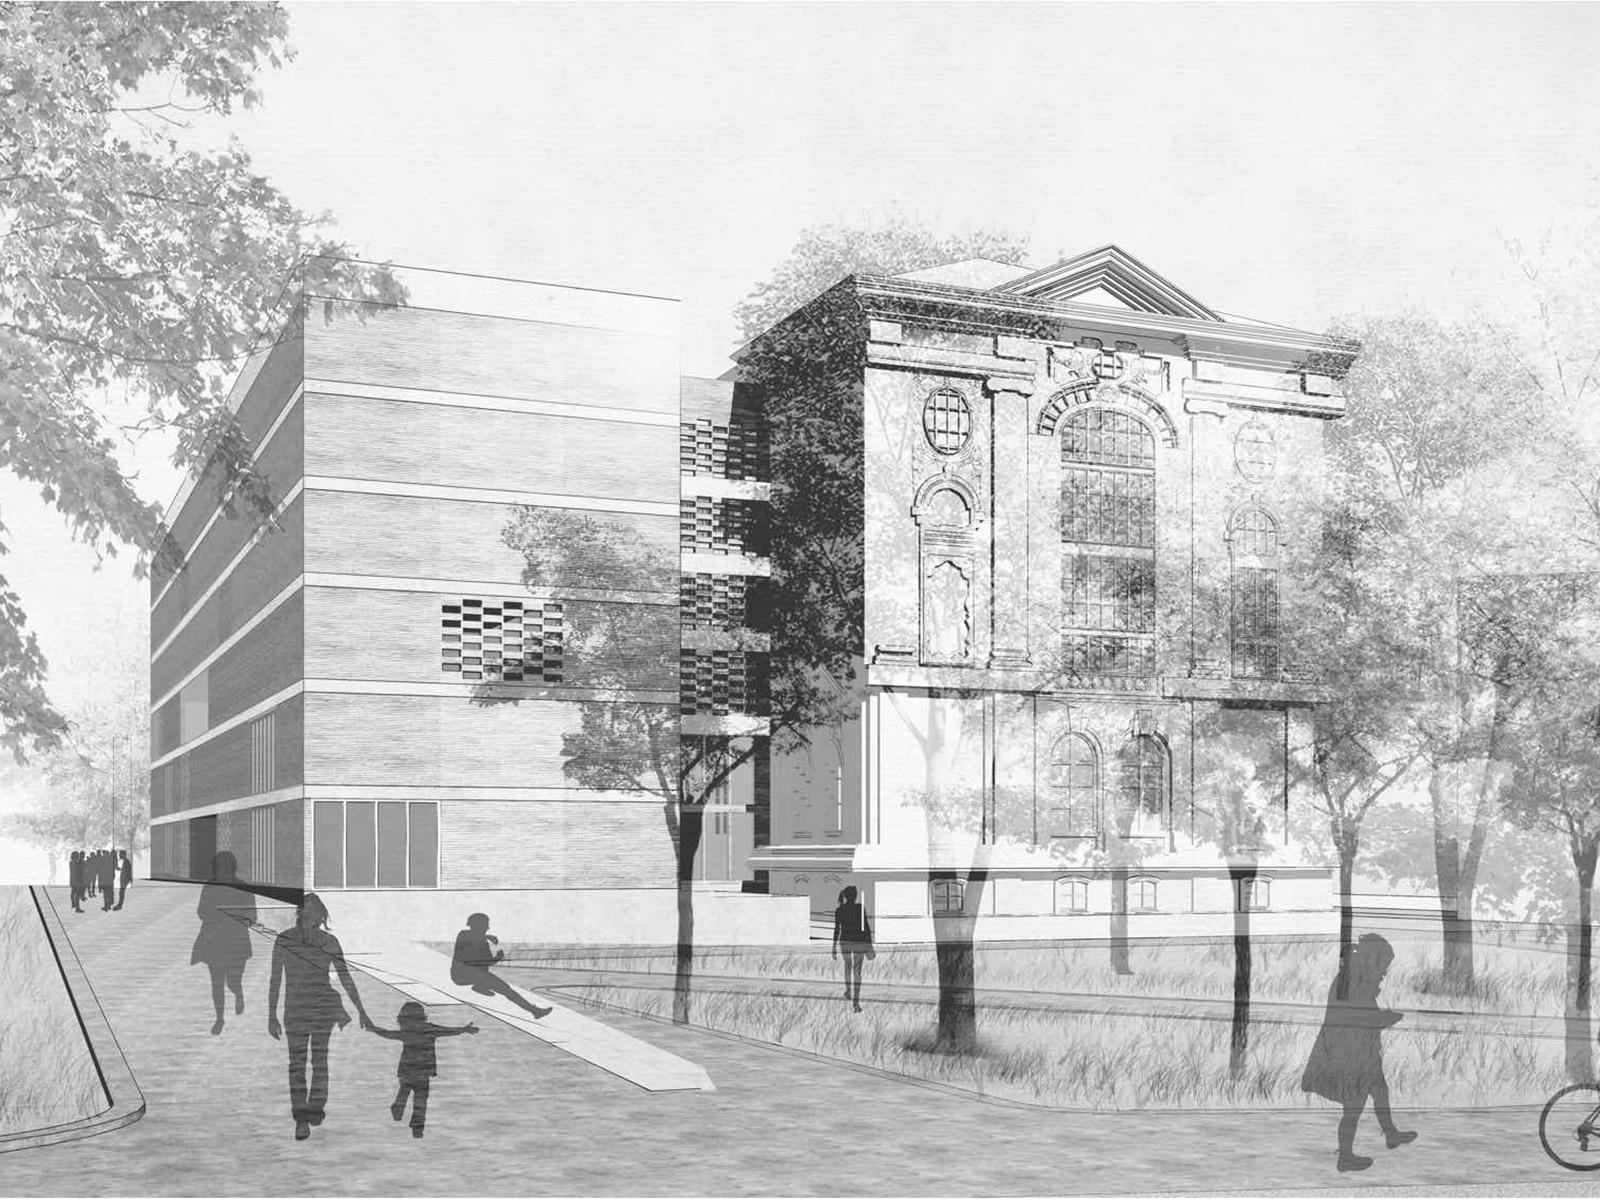 perspektive1-staats-und-stadtbilblothek-augsburg-wettbewerb-2016-2-preis-friedrich-poerschke-zwink-architekten-stadtplaner-mit-kleinsa-cc-88nger-architekten